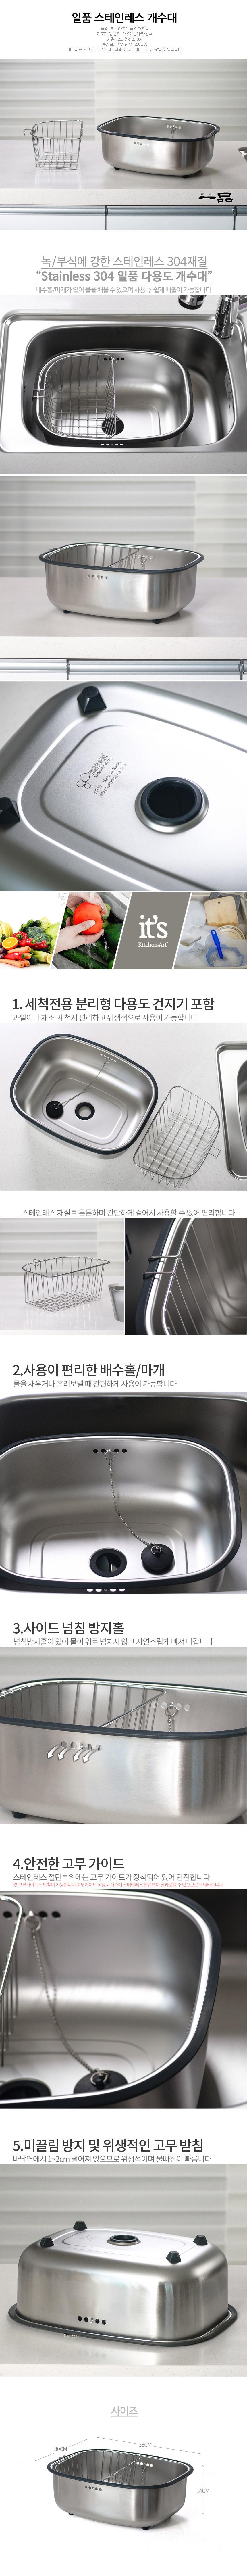 키친아트 일품 스테인레스 개수대 설거지통 - 서울리빙, 45,000원, 주방정리용품, 식기건조대